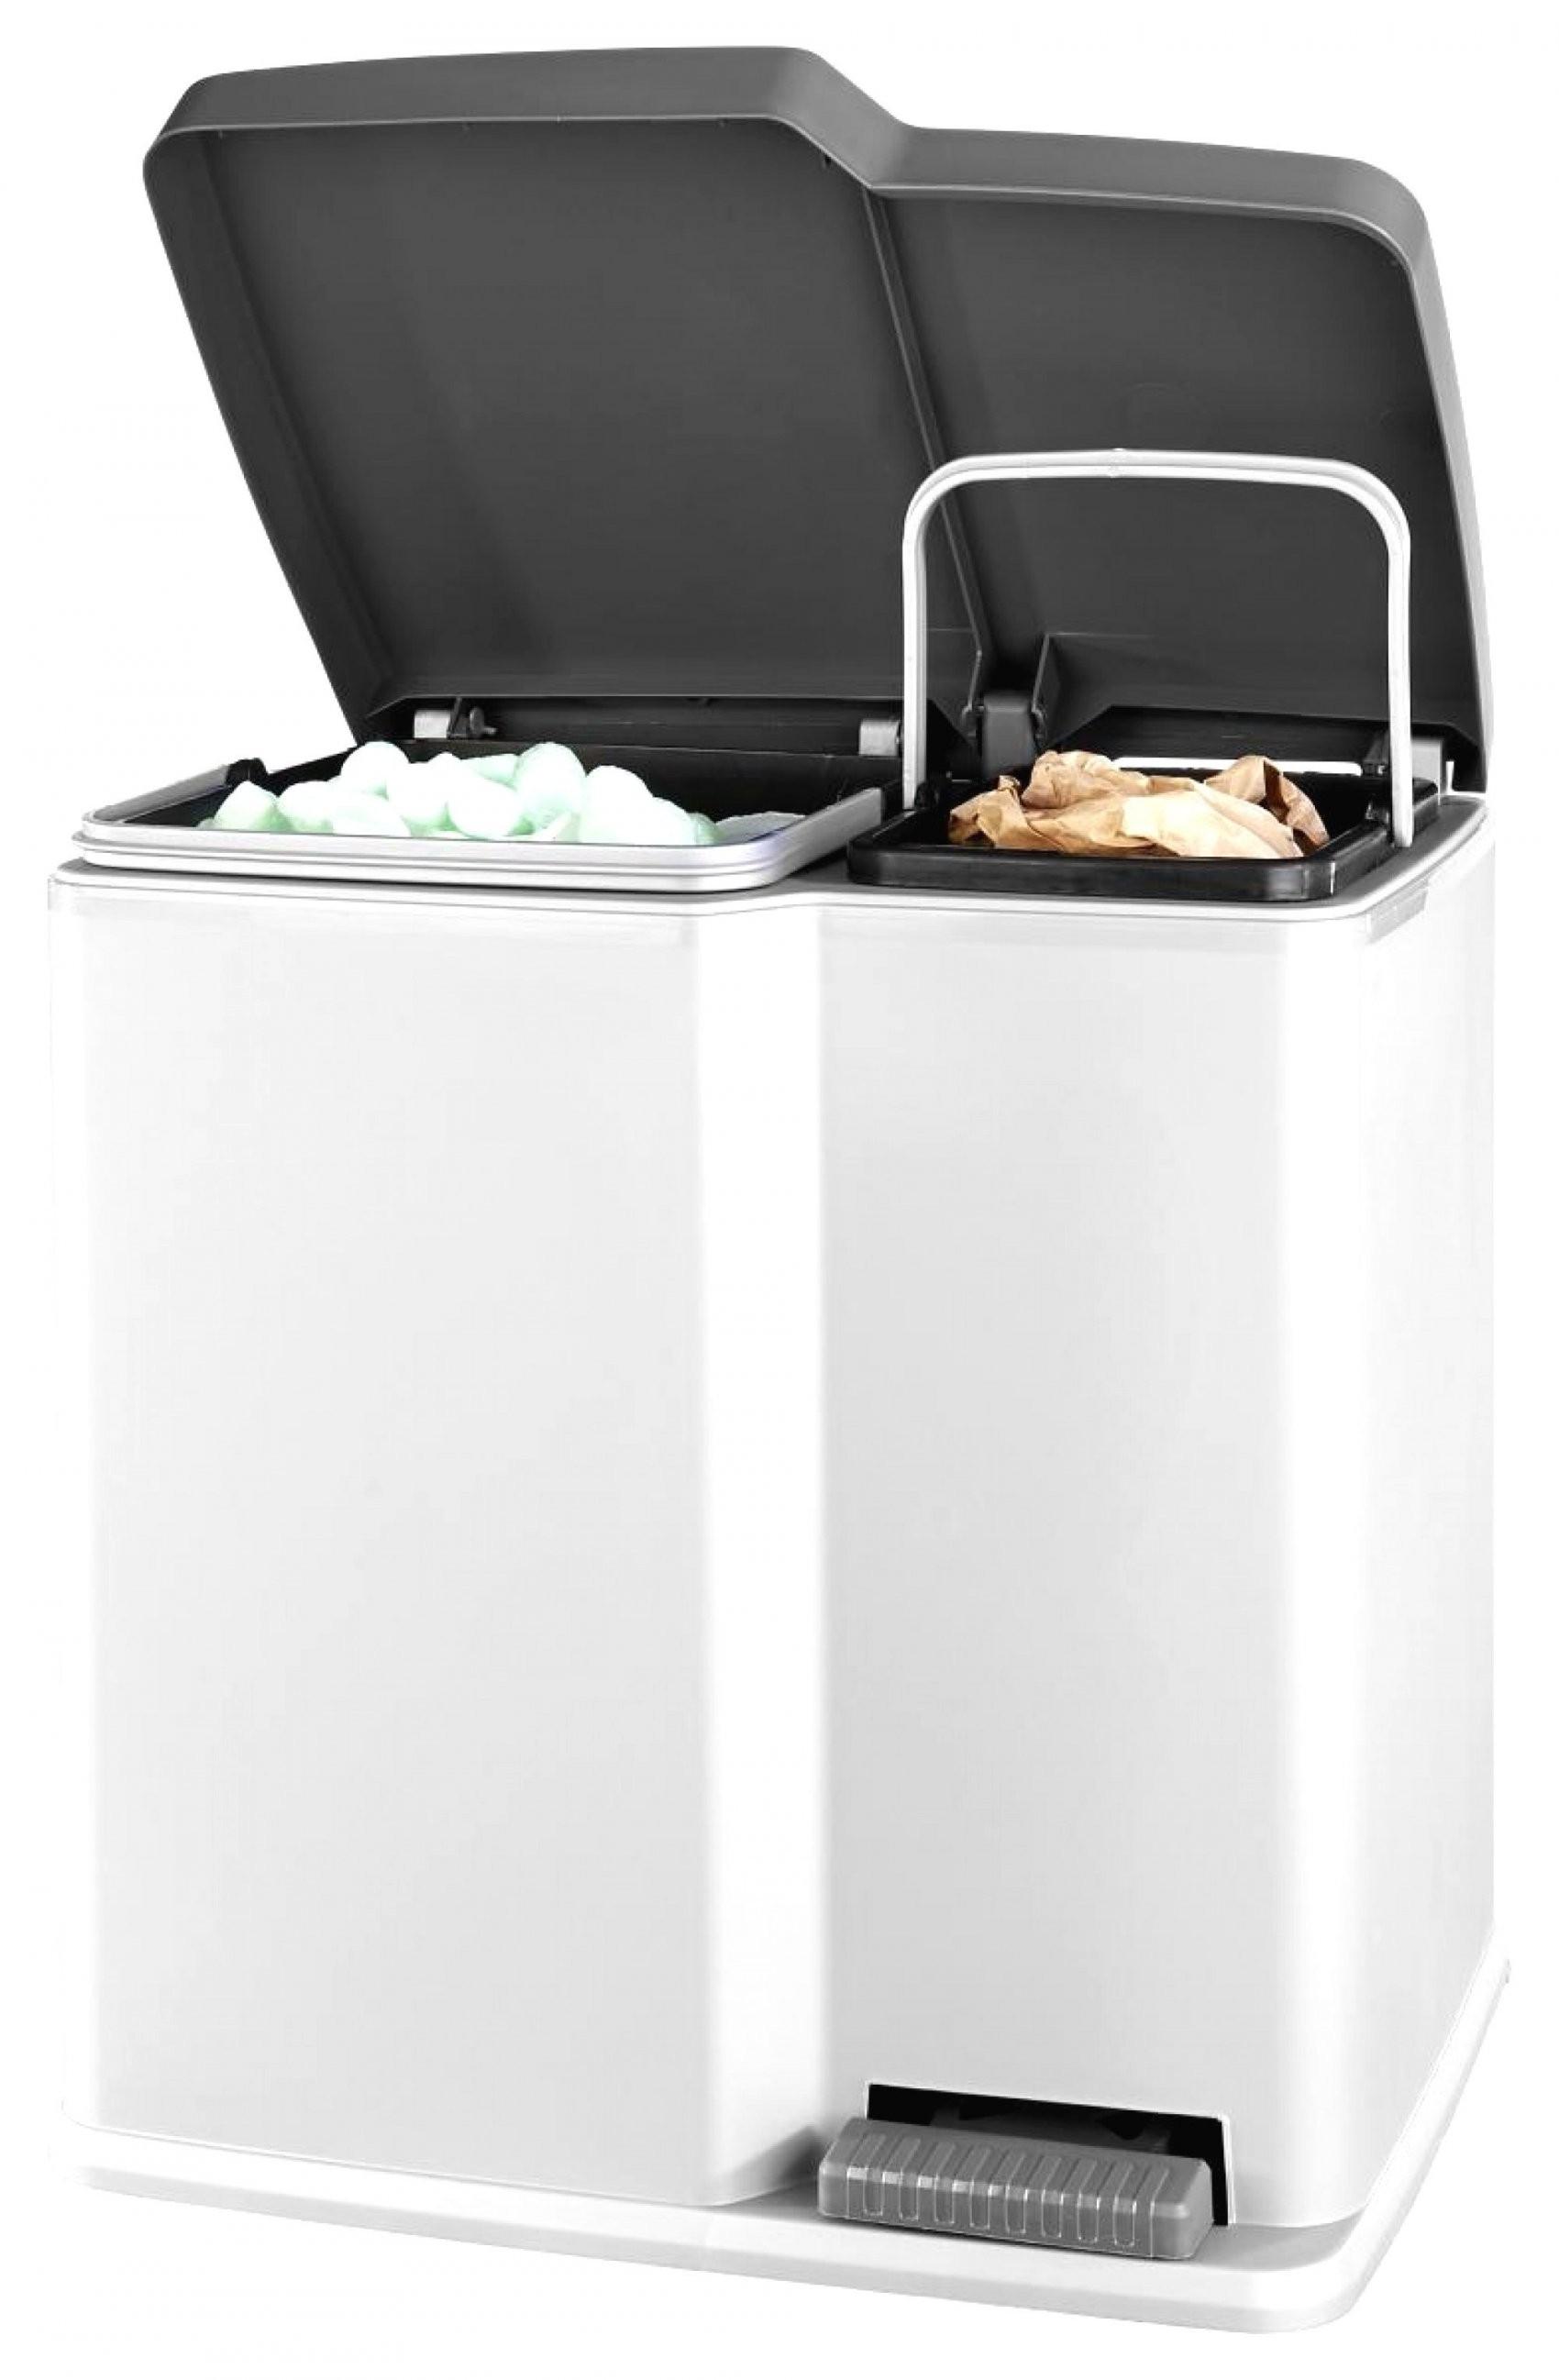 Mülleimer Trennung Küche  Wesco Bio Trio Bio Abfall Mülleimer Küche von Mülleimer Küche Trennung Photo